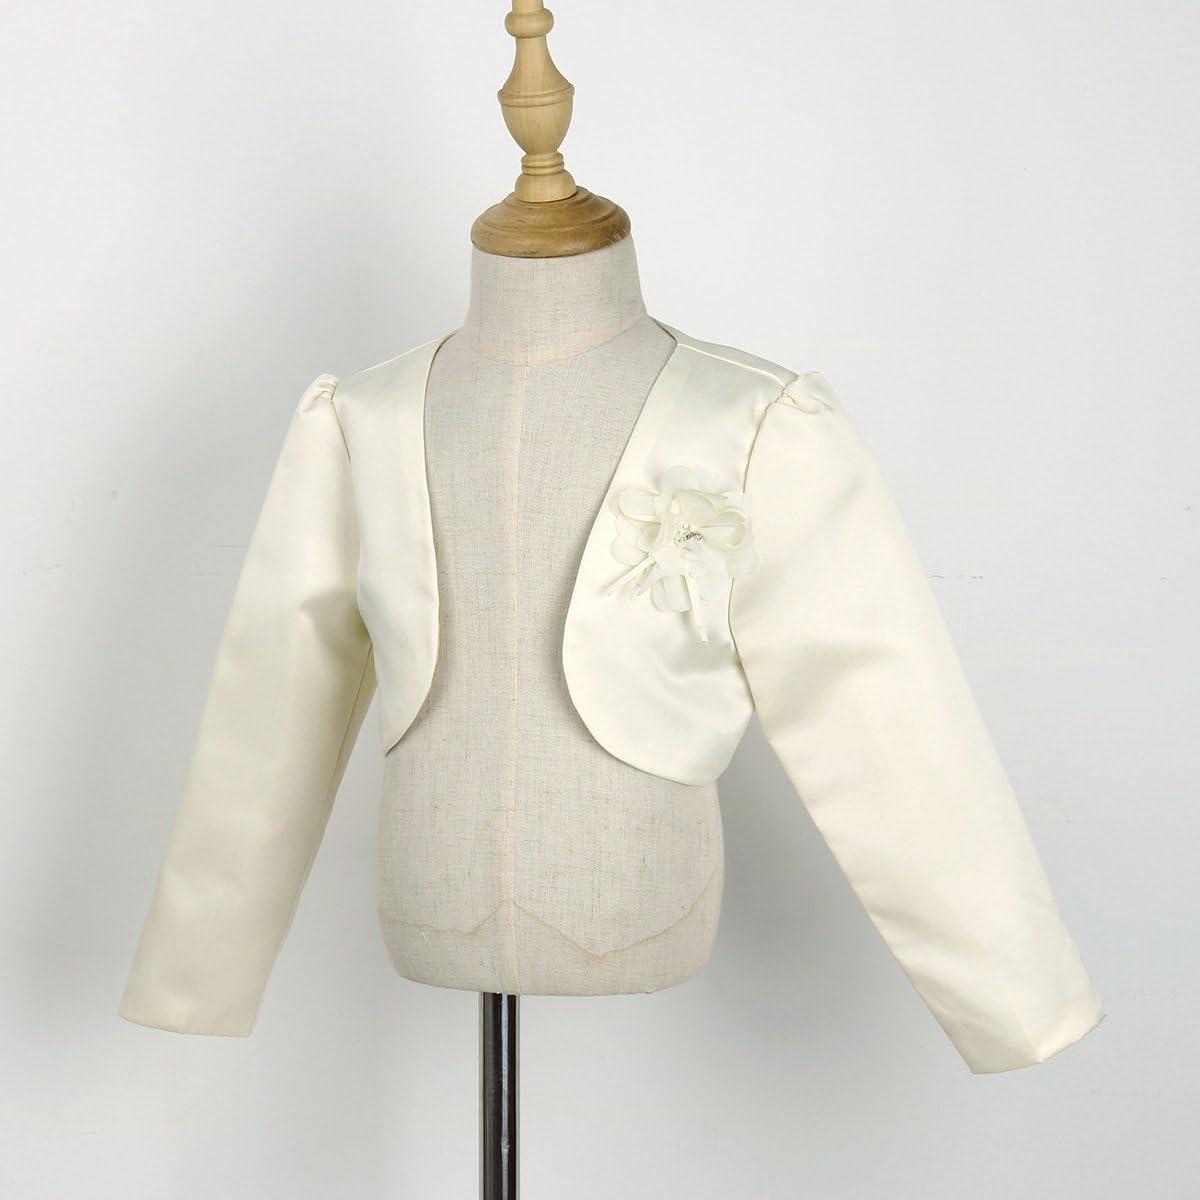 Freebily White Kids Girls Long Sleeves Bolero Jacket Shrug Short Cardigan Sweater Dress Cover Up